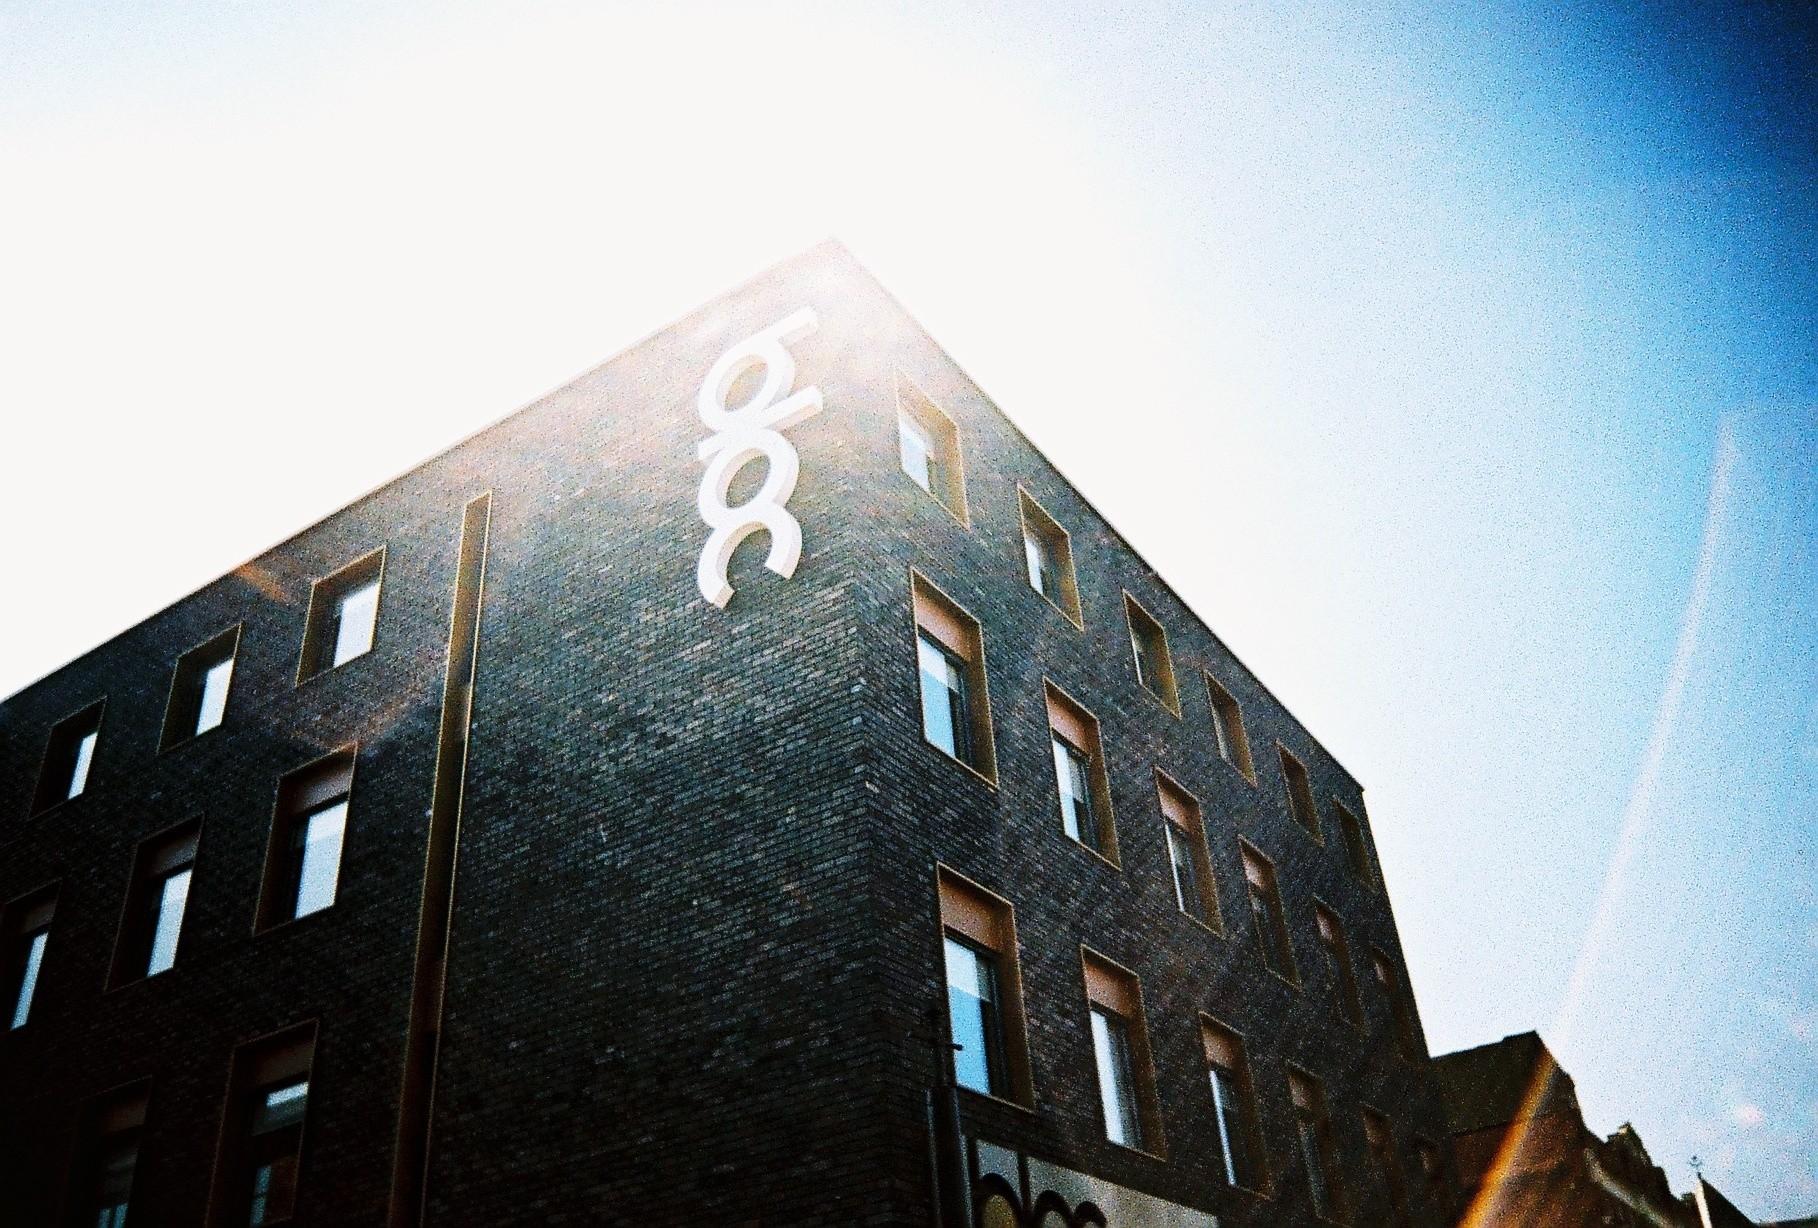 35mm Xpro Bloc Hotel Birmingham